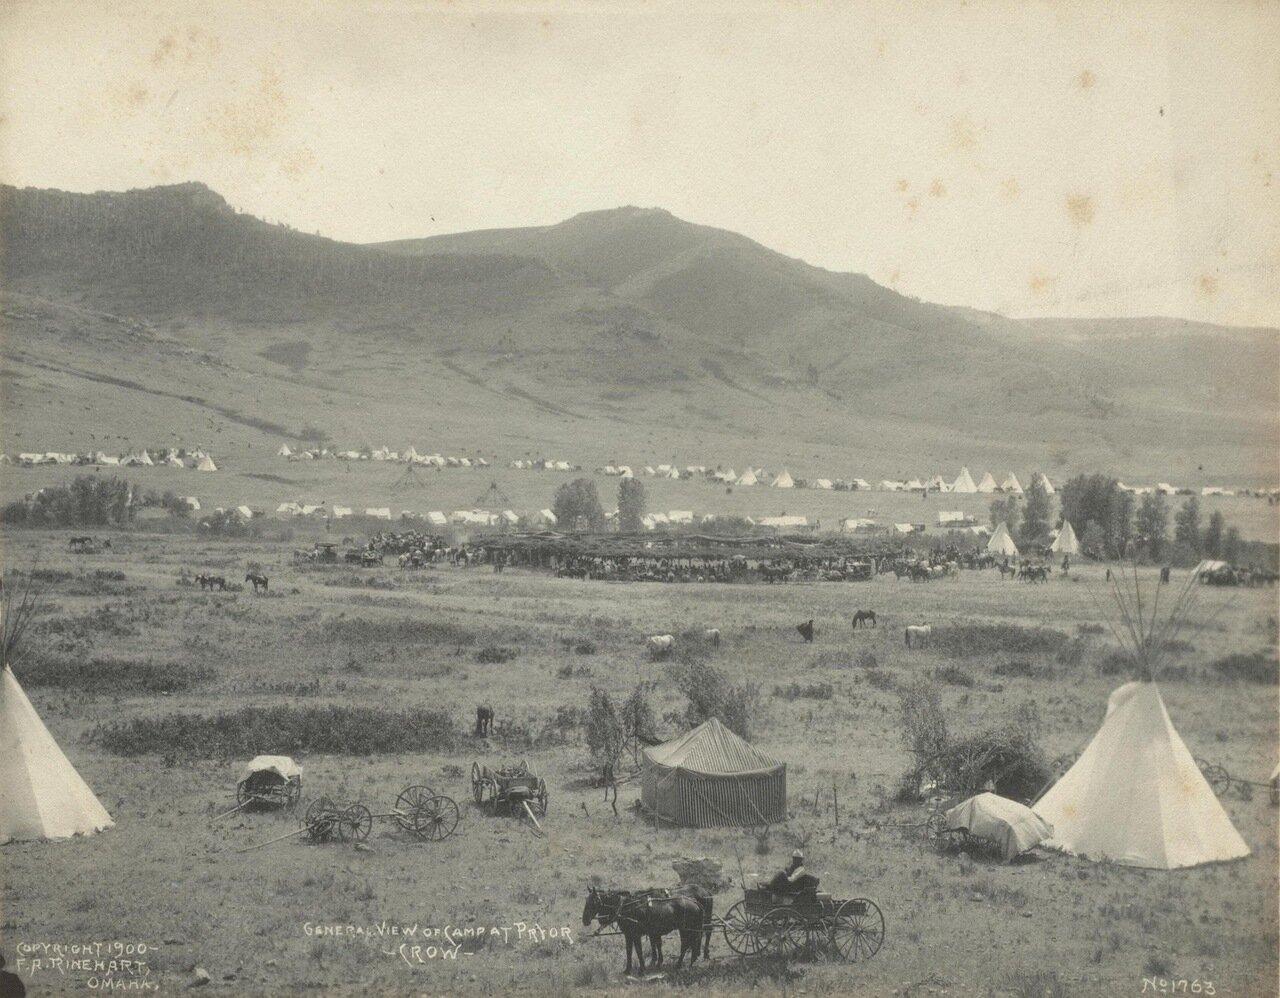 Общий вид лагеря на Прайоре. Племя Кроу. 1900